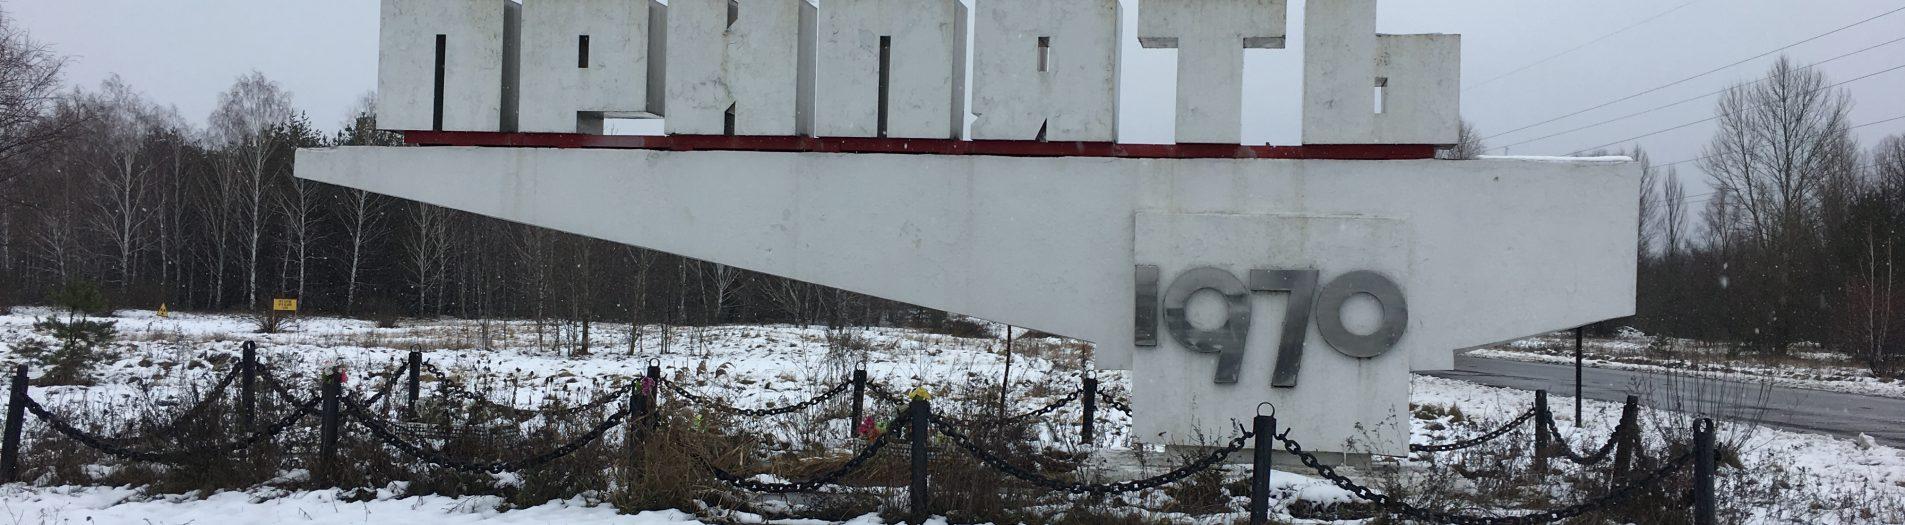 Chernobyl Series II - Capítulo 6 - Pripyat de nuevo...